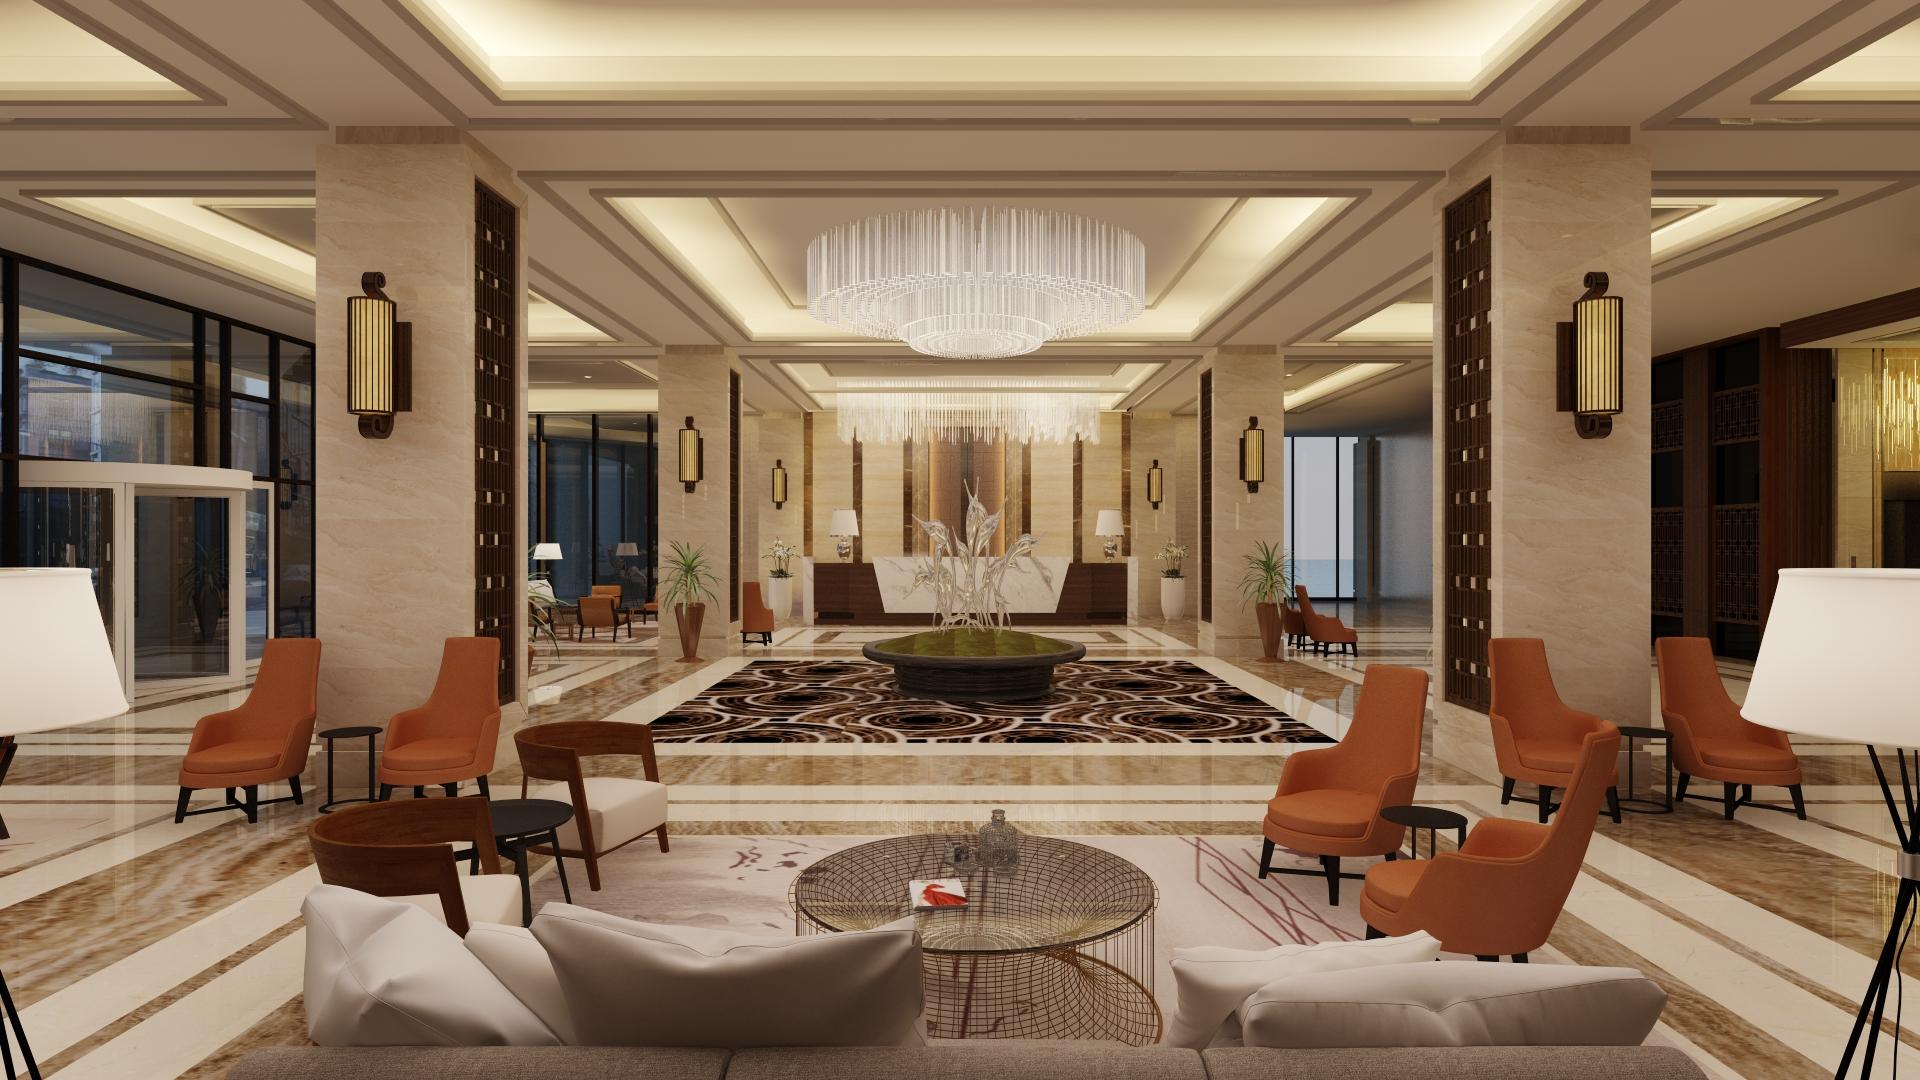 Reception & Lobby